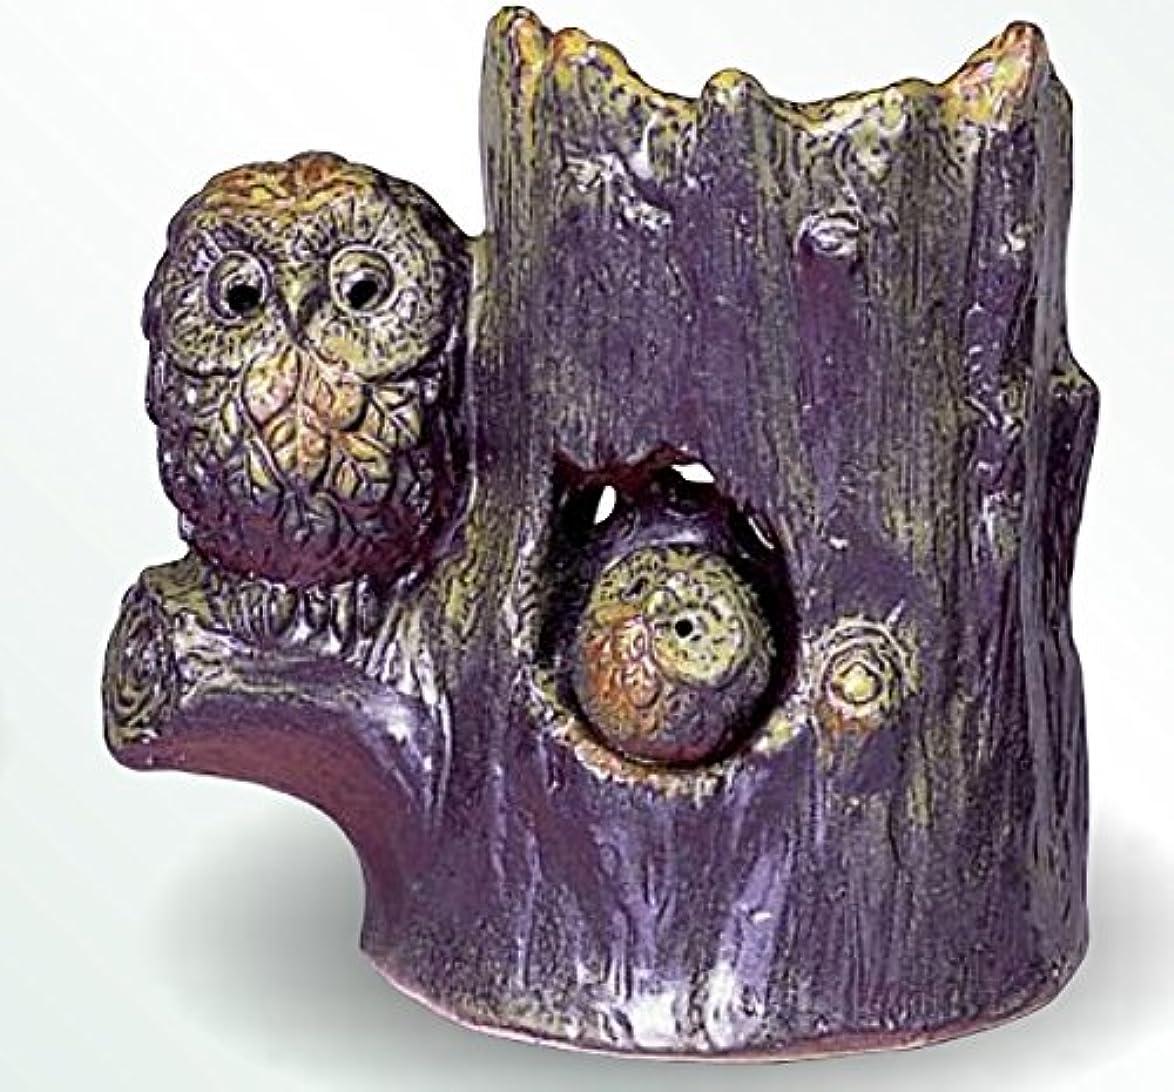 経度防衛操作可能常滑焼 茶香炉(アロマポット)森フクロウ 径13.5×高さ14.5cm